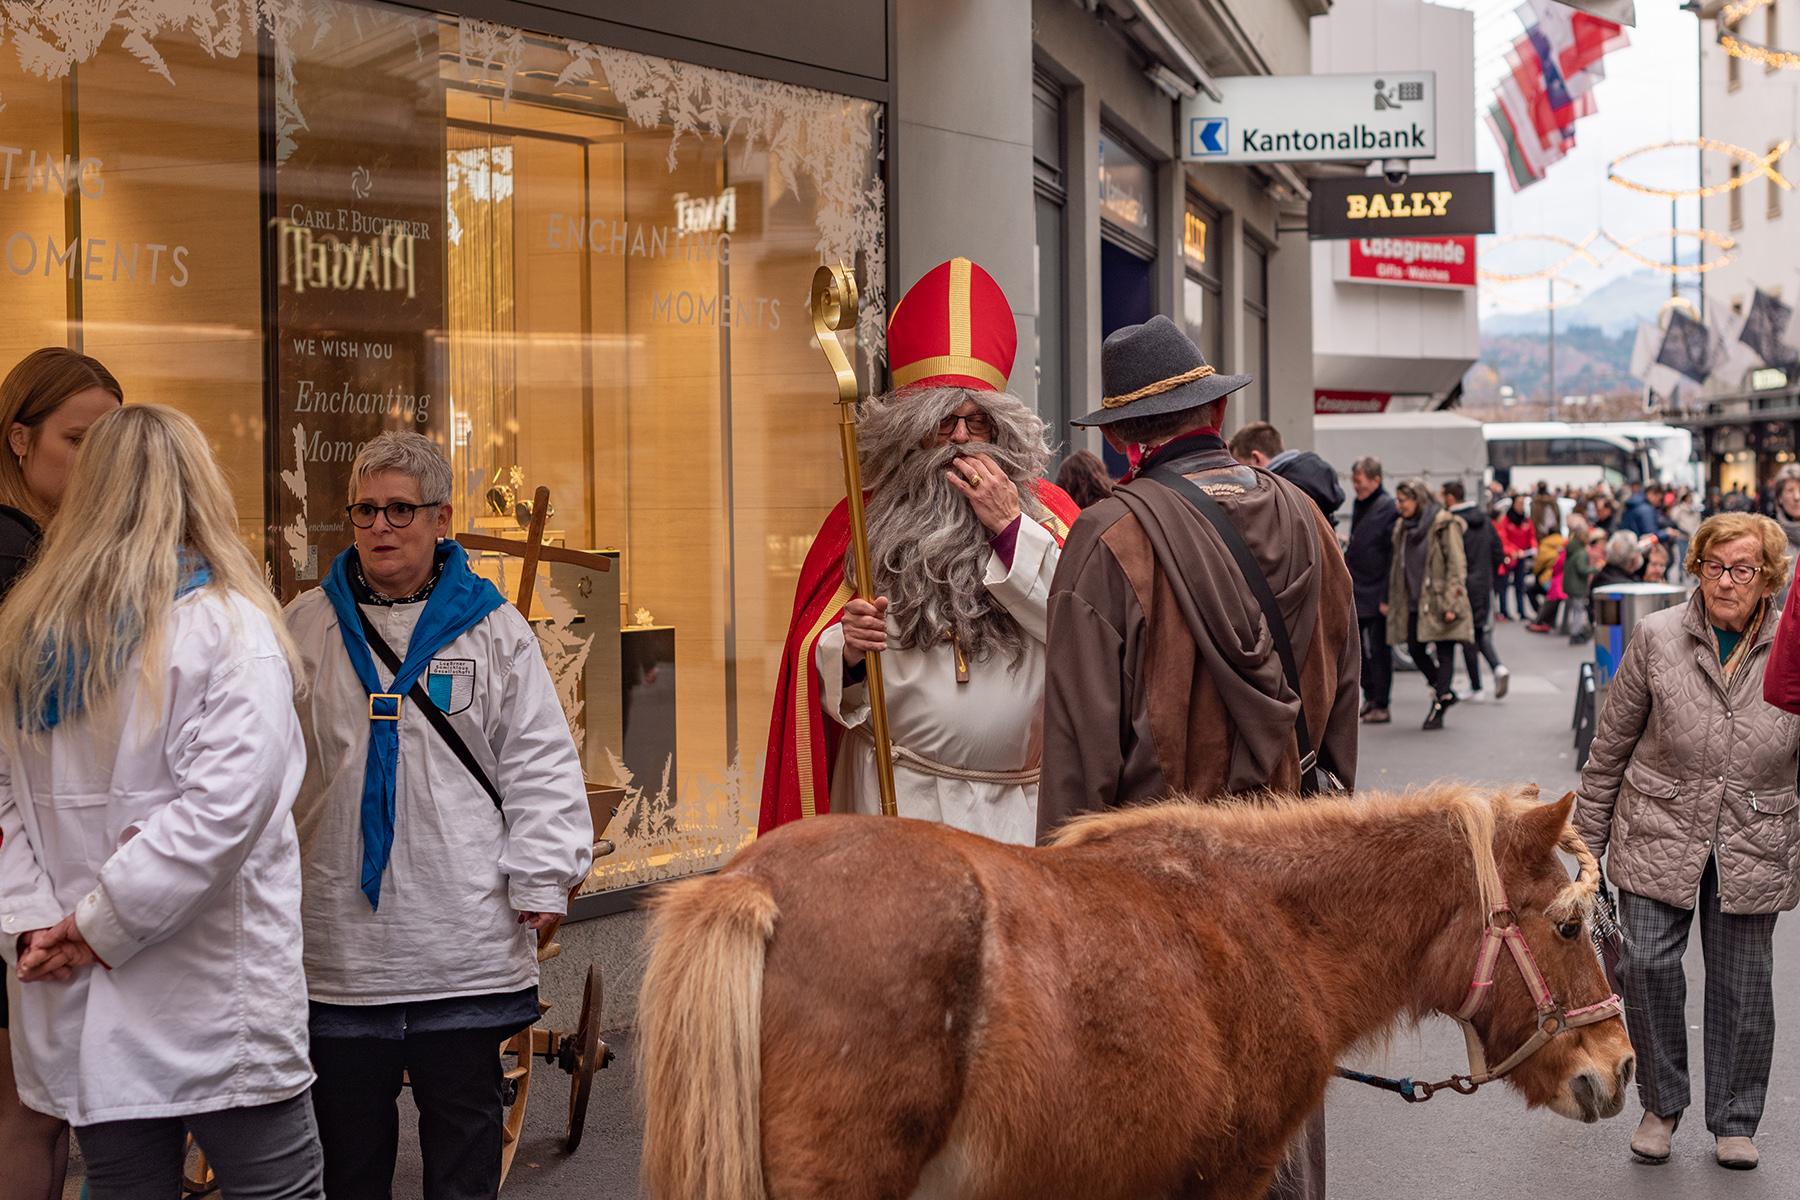 Samichlaus, Schmutzli, and their donkey in Luzern